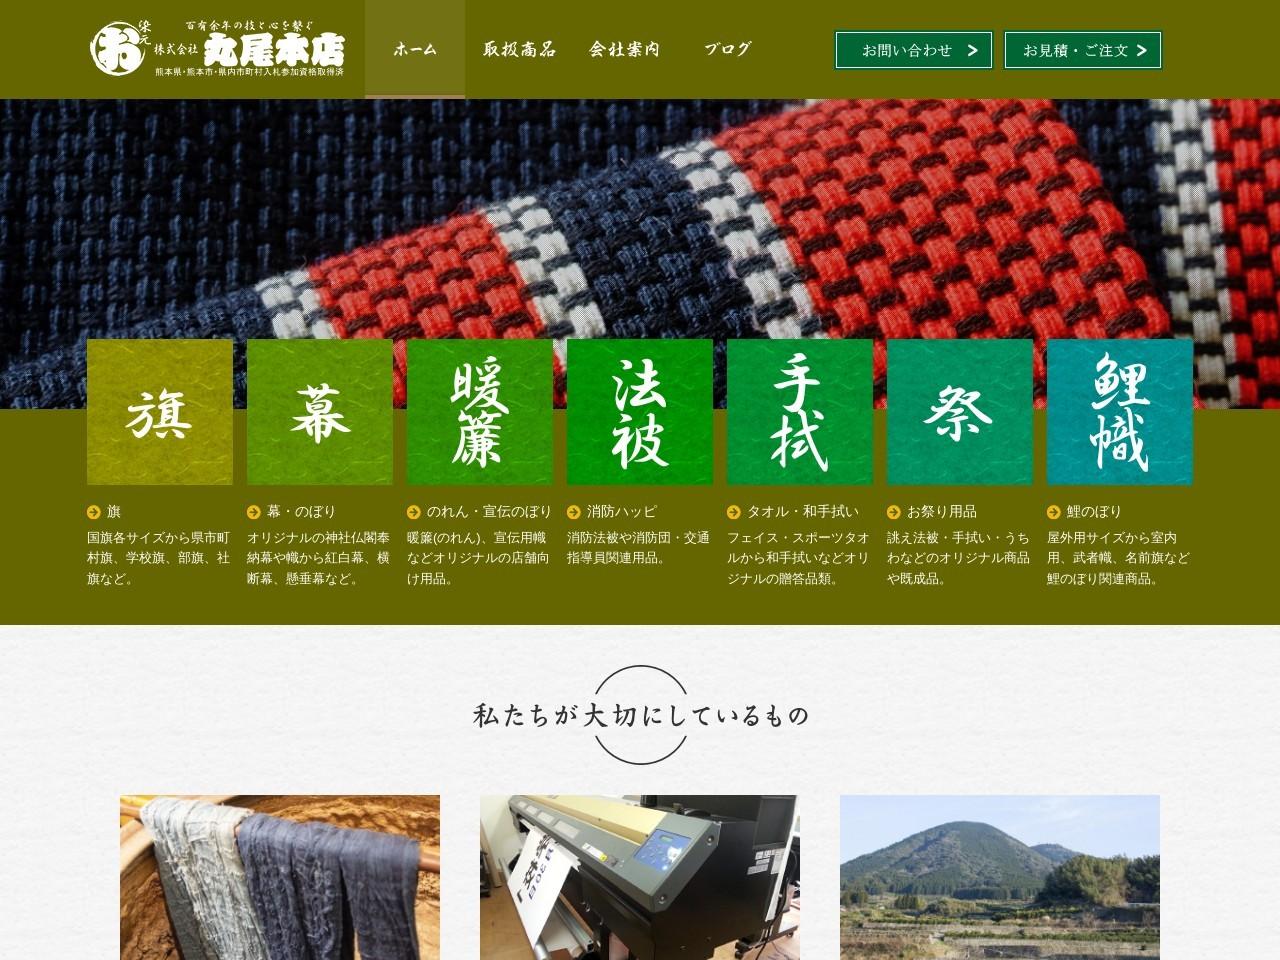 熊本の染物屋 丸本本店|消防法被、祭り用品、鯉のぼり、奉納幕